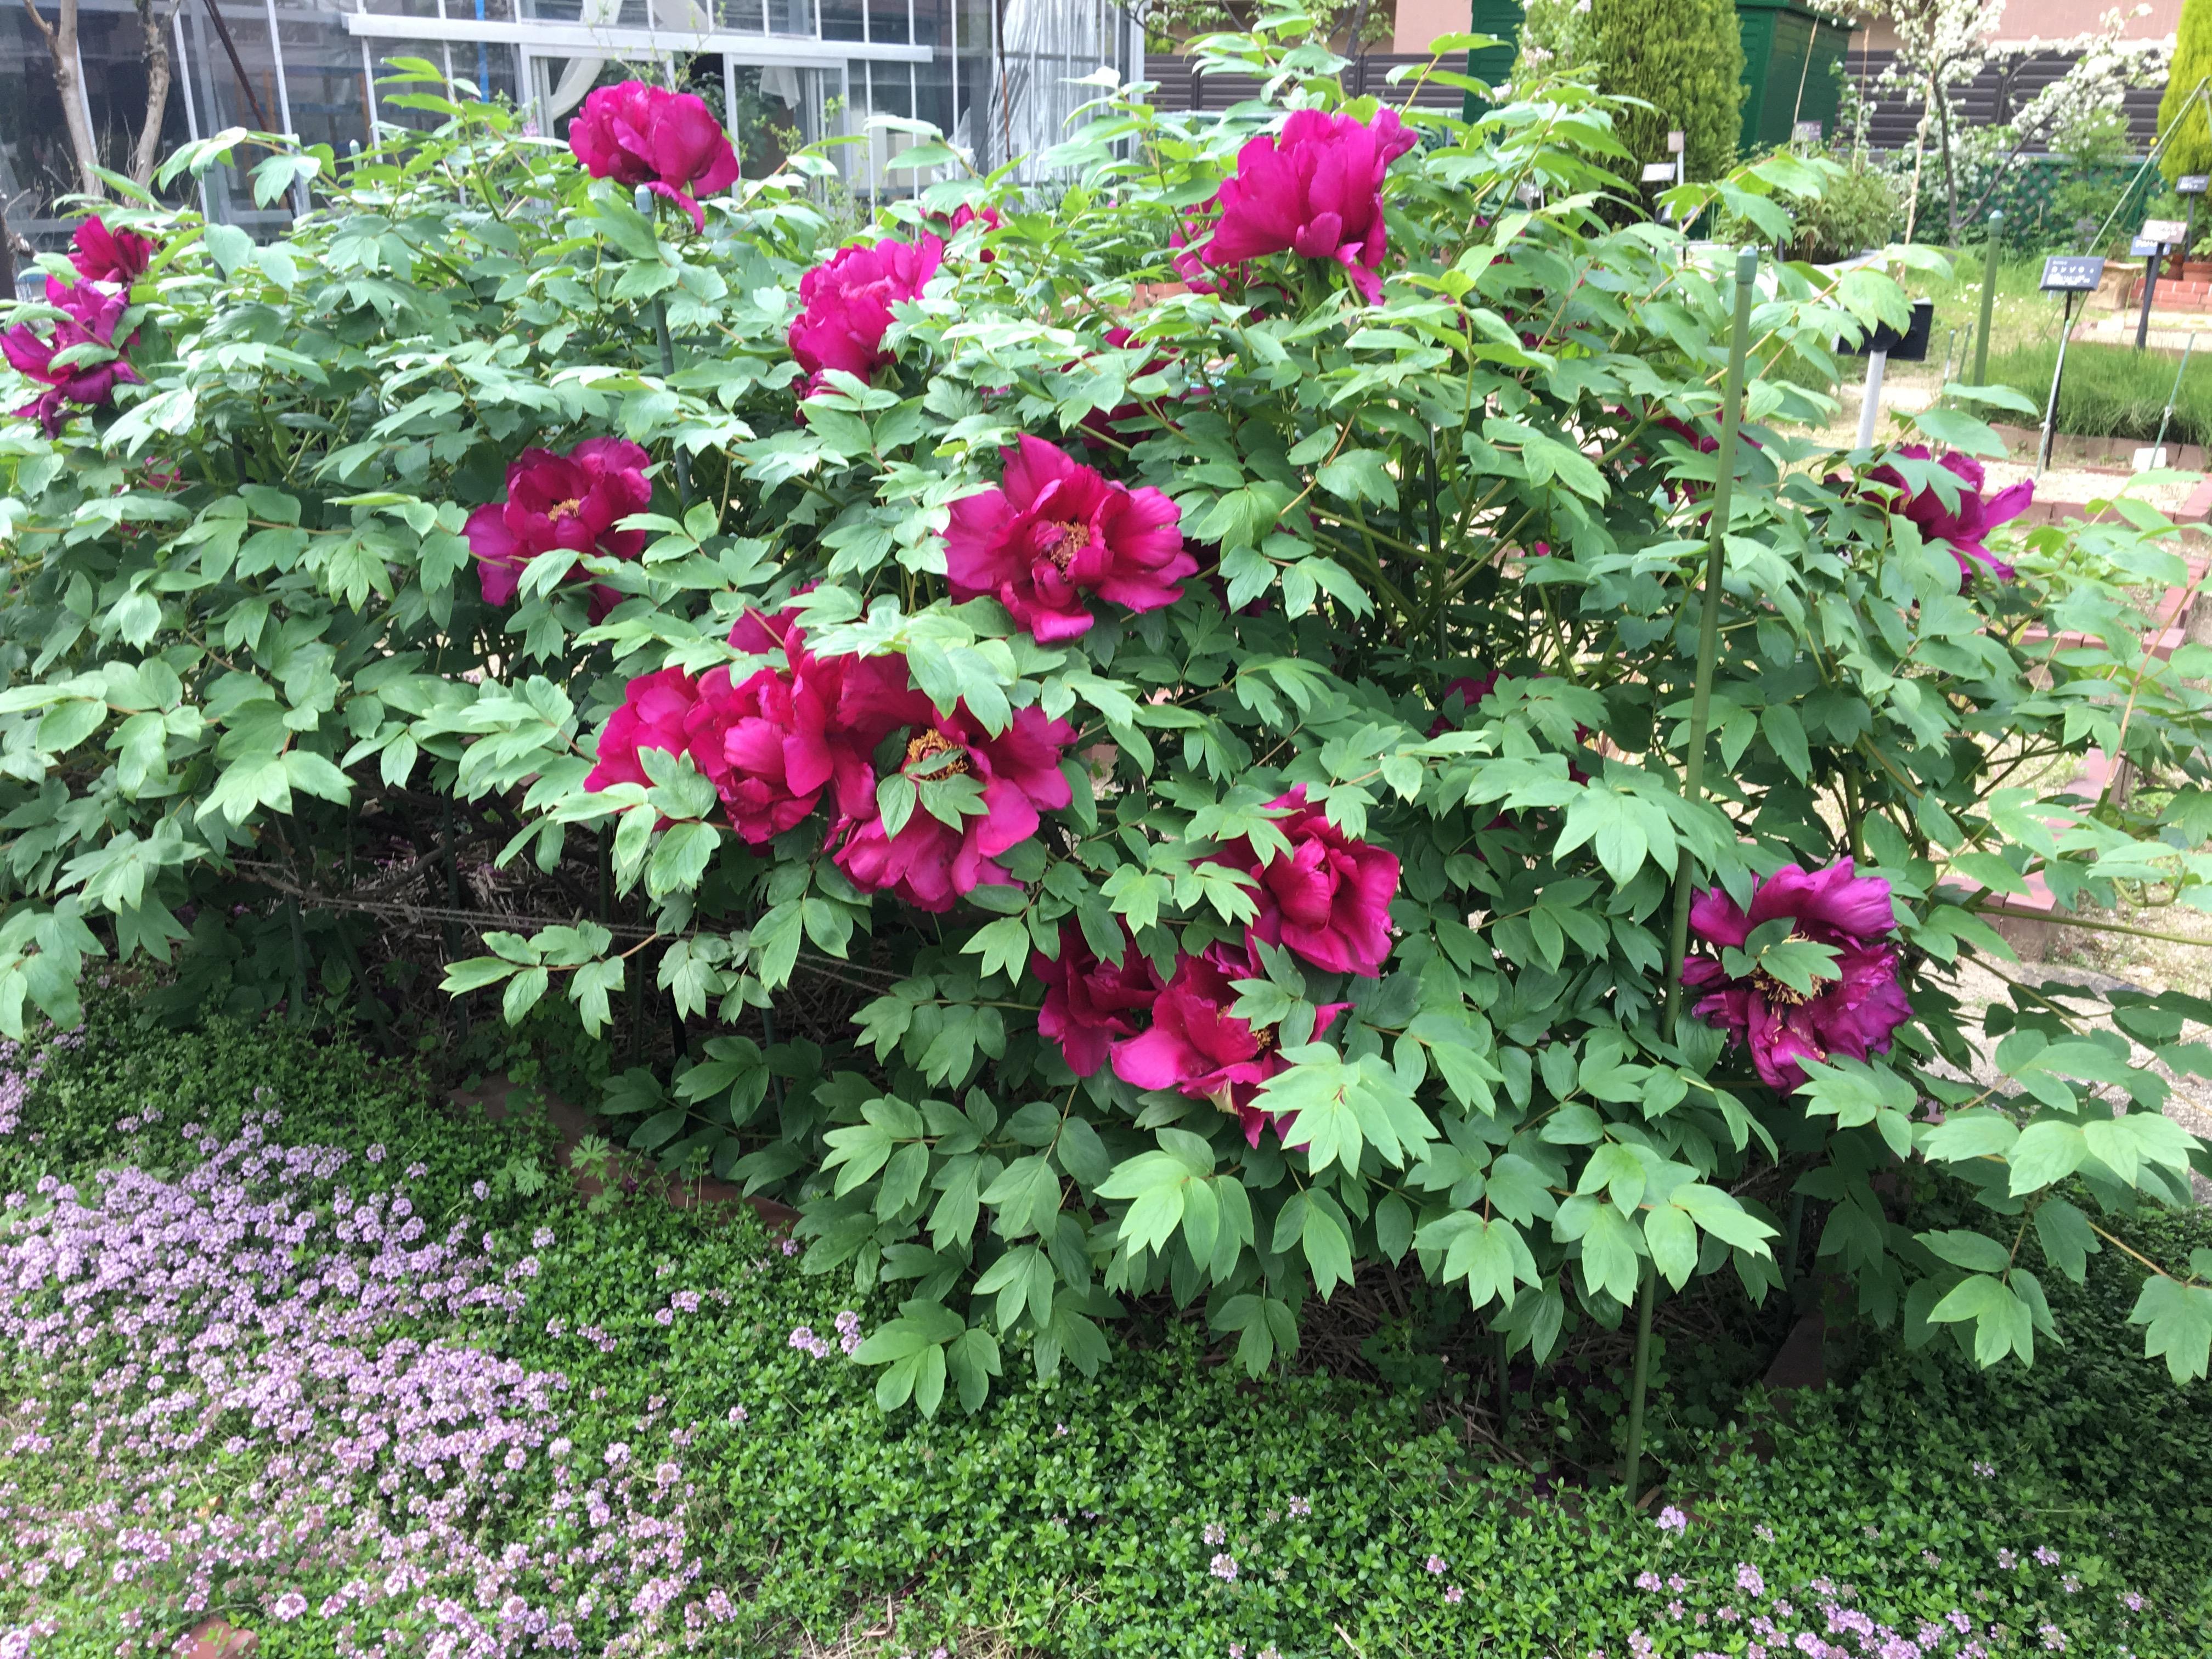 春らんまんの薬用植物園は良い香りがしますよ。